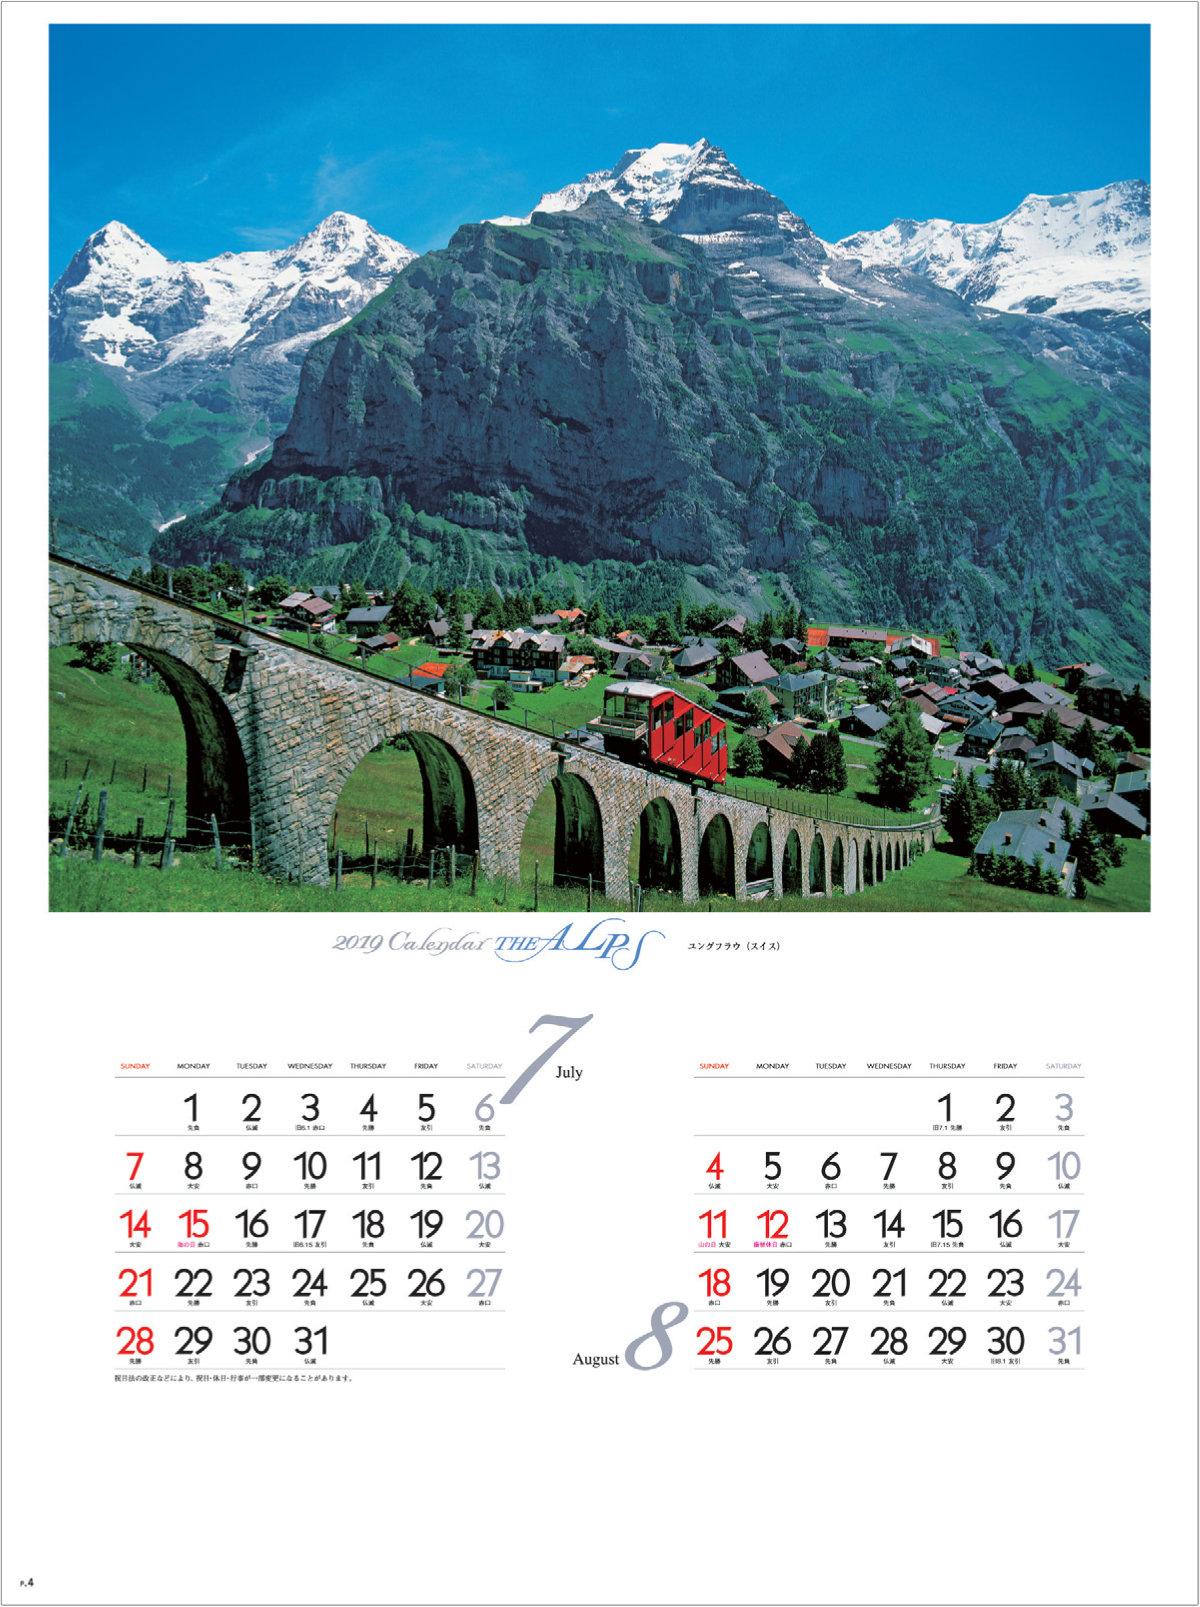 画像:ユウグフラウ(スイス) アルプス 2019年カレンダー